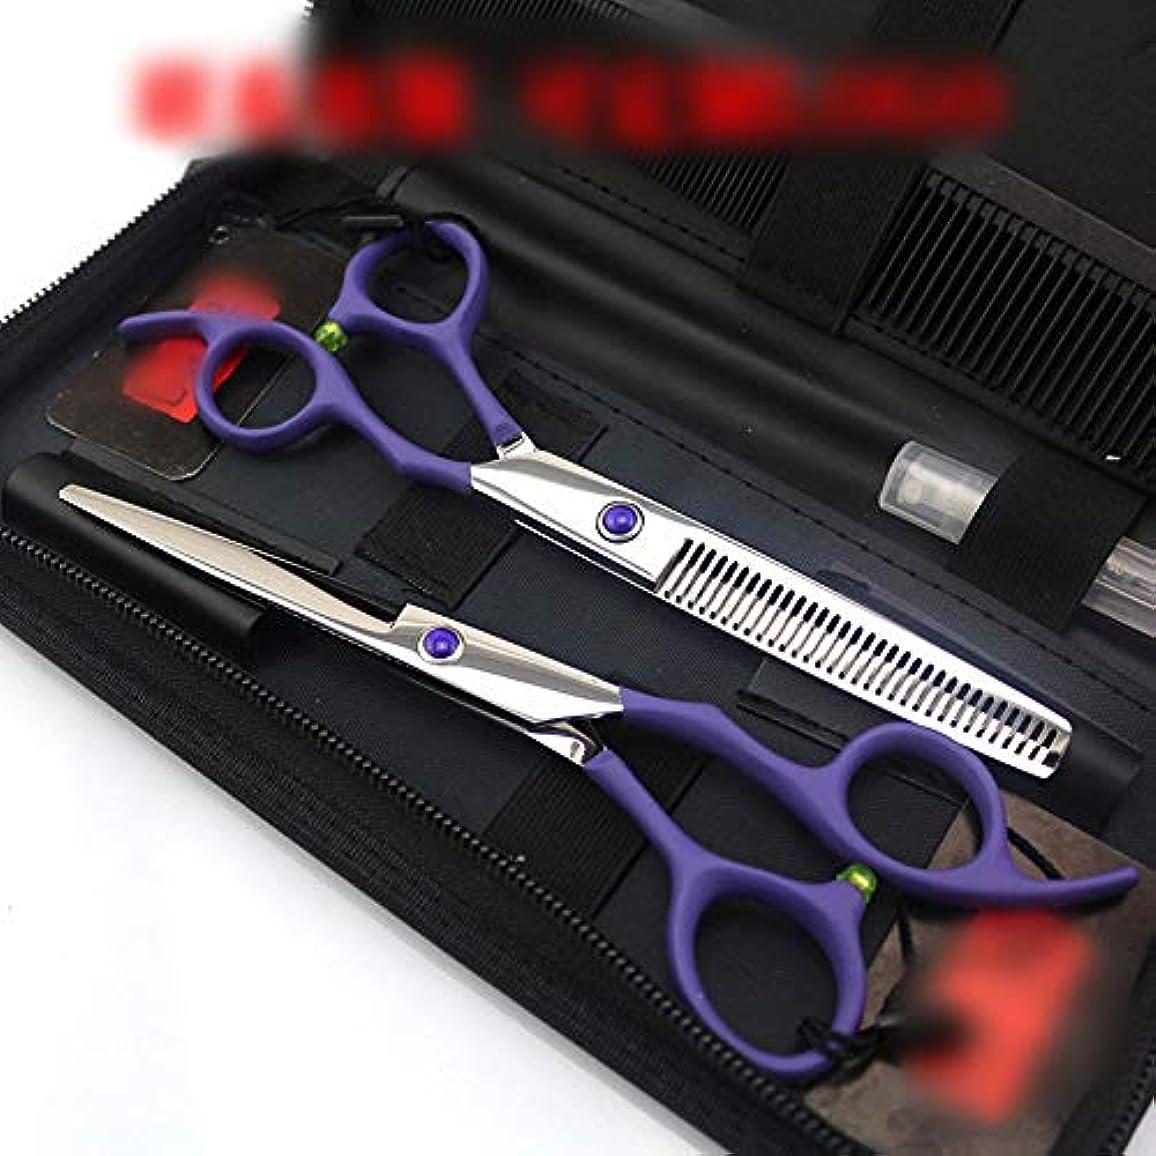 多数のリフレッシュシャツHairdressing 6.0インチの紫色の専門の理髪はさみ、平はさみ+歯のせん断の美容院のはさみ理髪道具の毛の切断はさみのステンレス製の理髪師のはさみ (色 : 紫の)